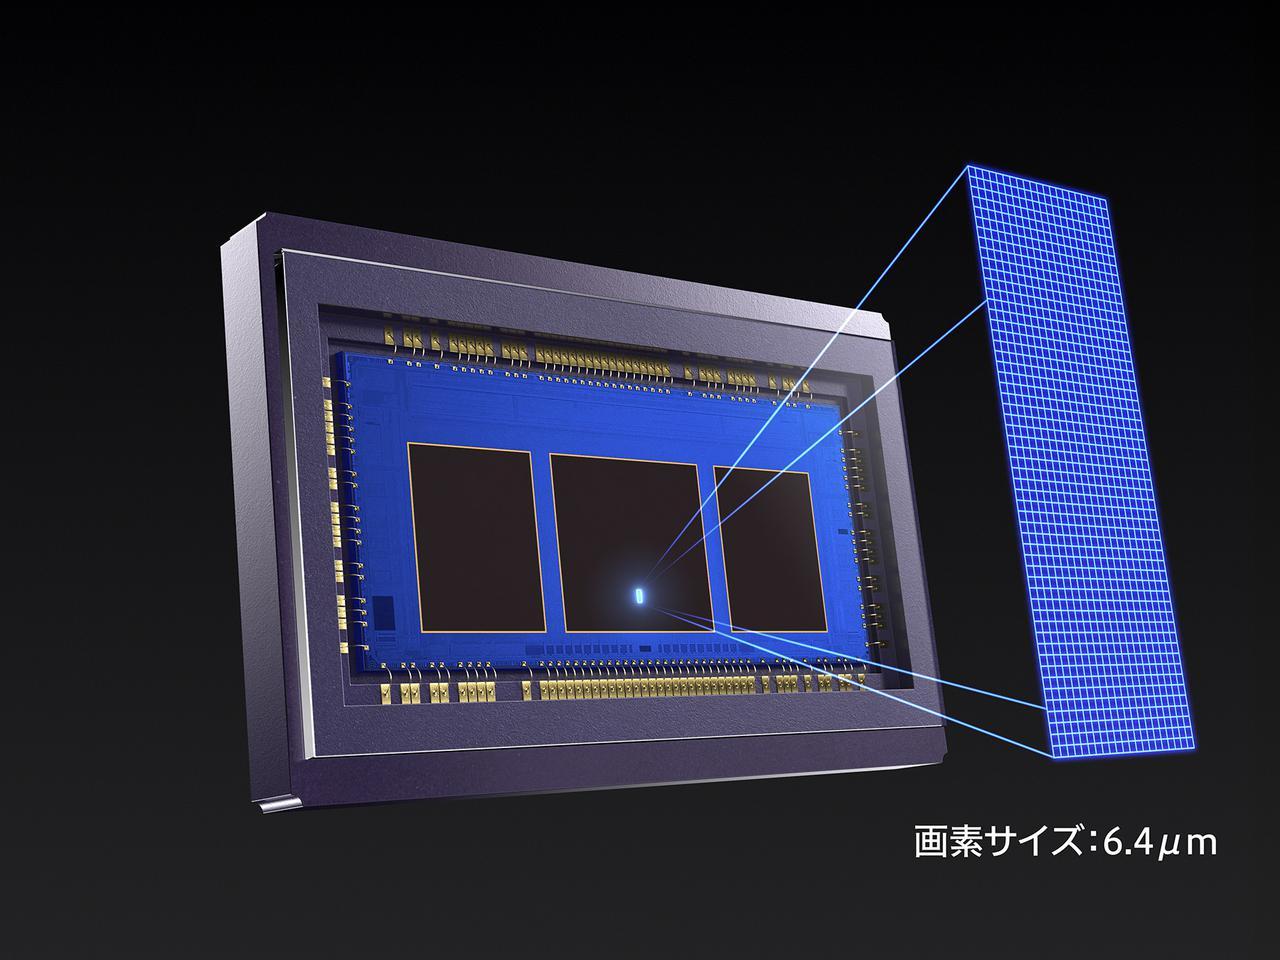 画像: 新開発 光学ファインダー撮影用 正方画素AFセンサー イメージ